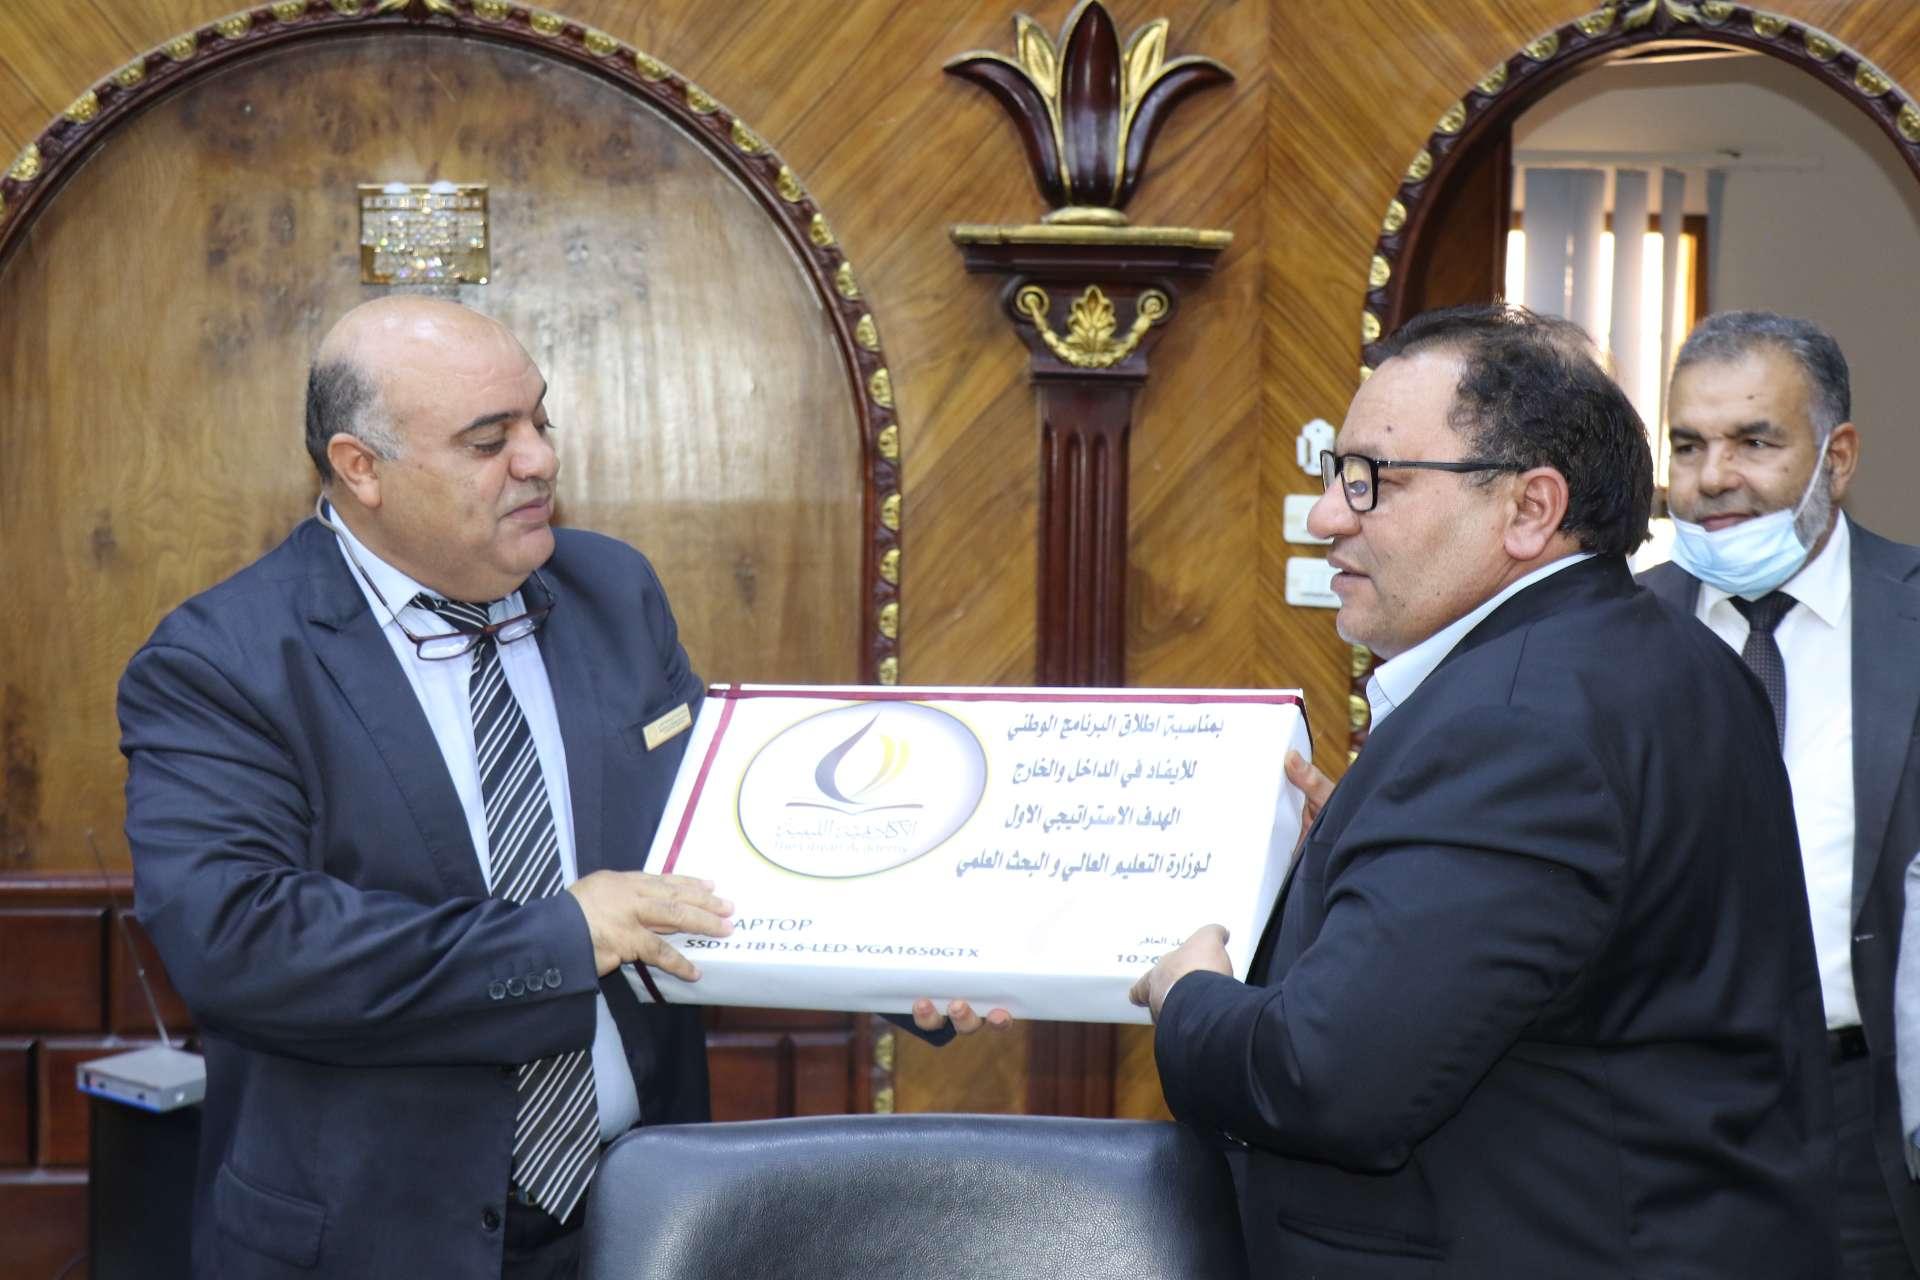 الأكاديمية الليبية تستضيف الاجتماع التقابلي الثاني لإدارة الملحقيات وشؤون الموفدين مع مدراء إدارات الدراسات العليا بمؤسسات التعليم العالي .